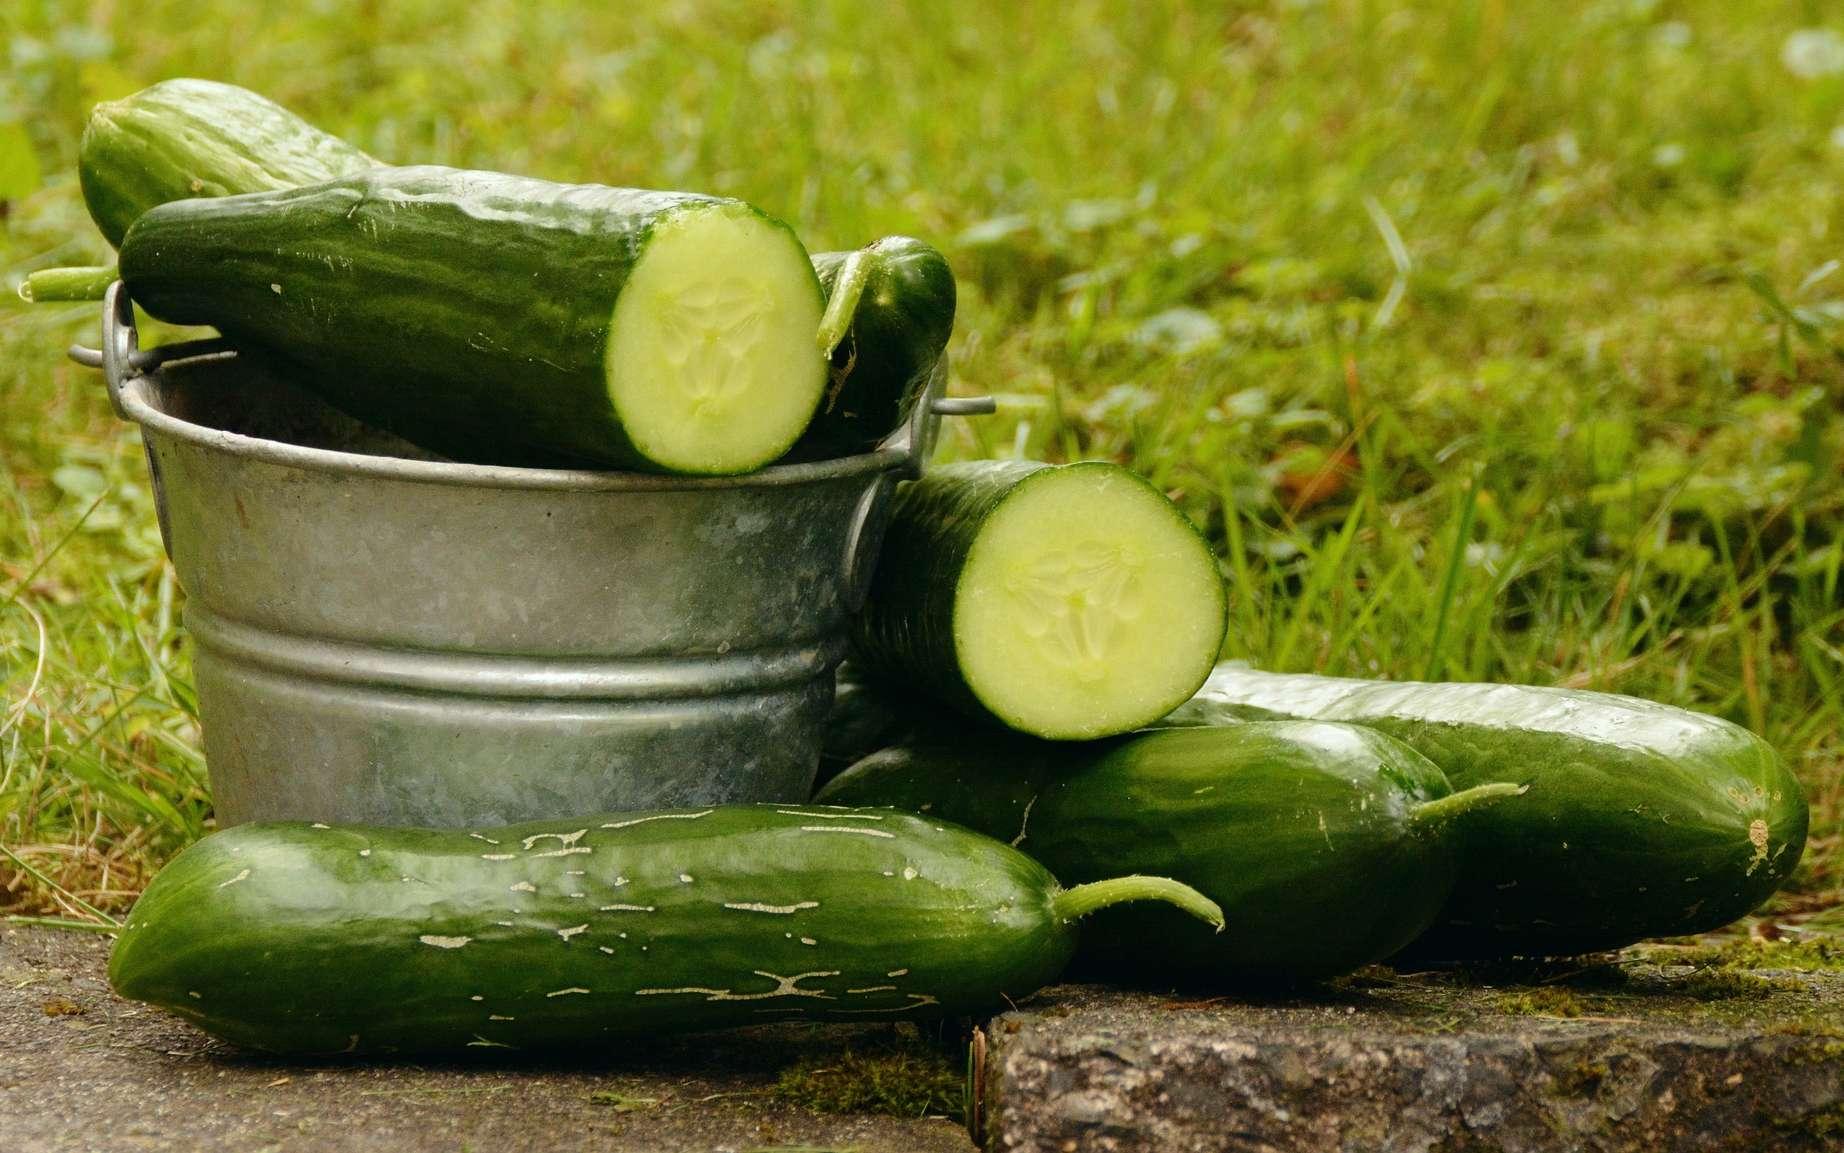 Dès la mi-juillet, la récolte du concombre doit se faire sans trop tarder, sinon la chair se gorge de graines. Pour récolter le concombre sans brutaliser le plant, coupez le pédoncule à l'aide d'un couteau ou de ciseaux. © Pixabay